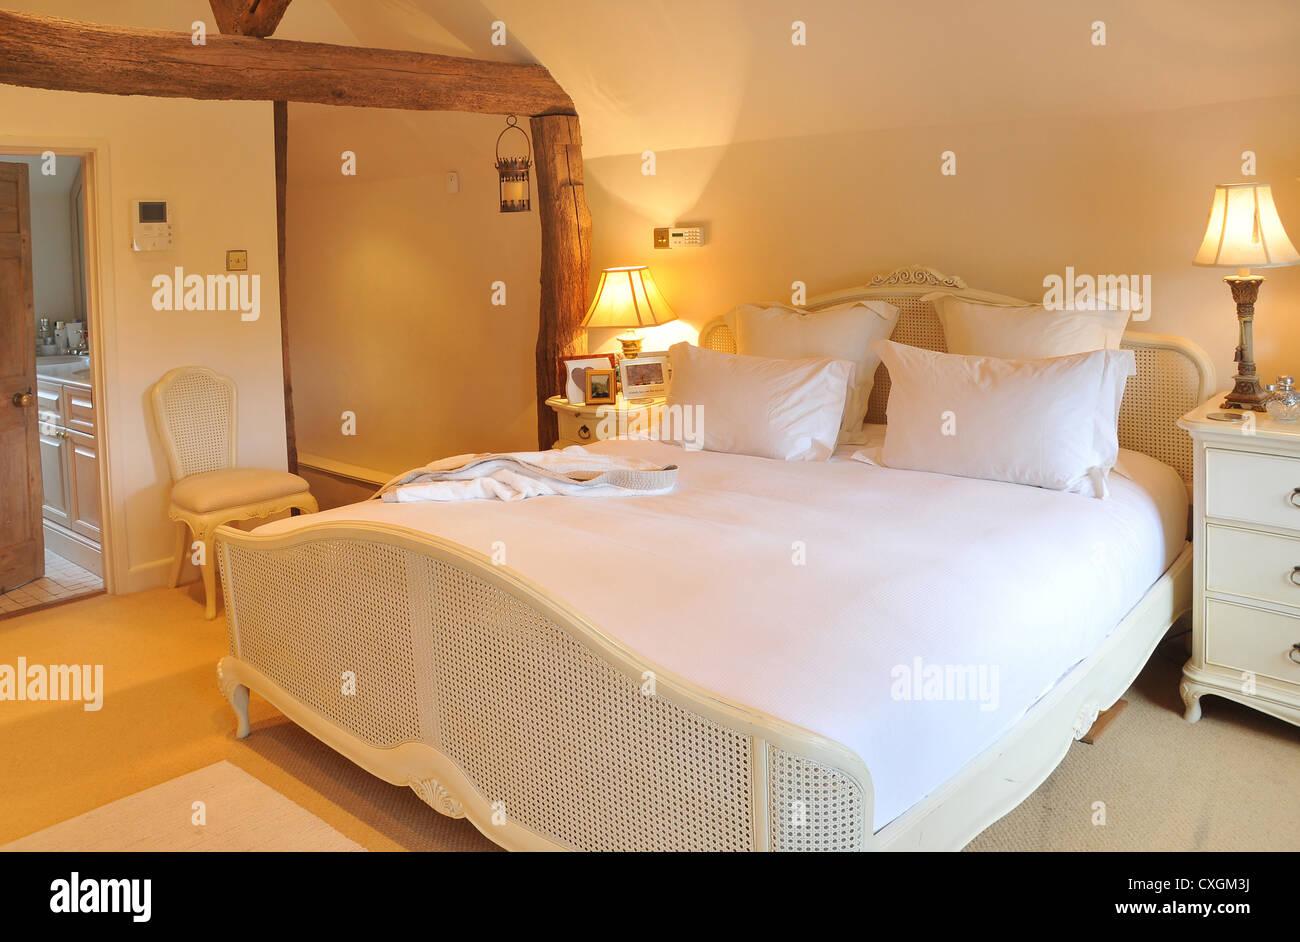 El diseño interior de dormitorio de un cottage ingles con cama, armarios de cabecera, luces, sillas y baño Imagen De Stock